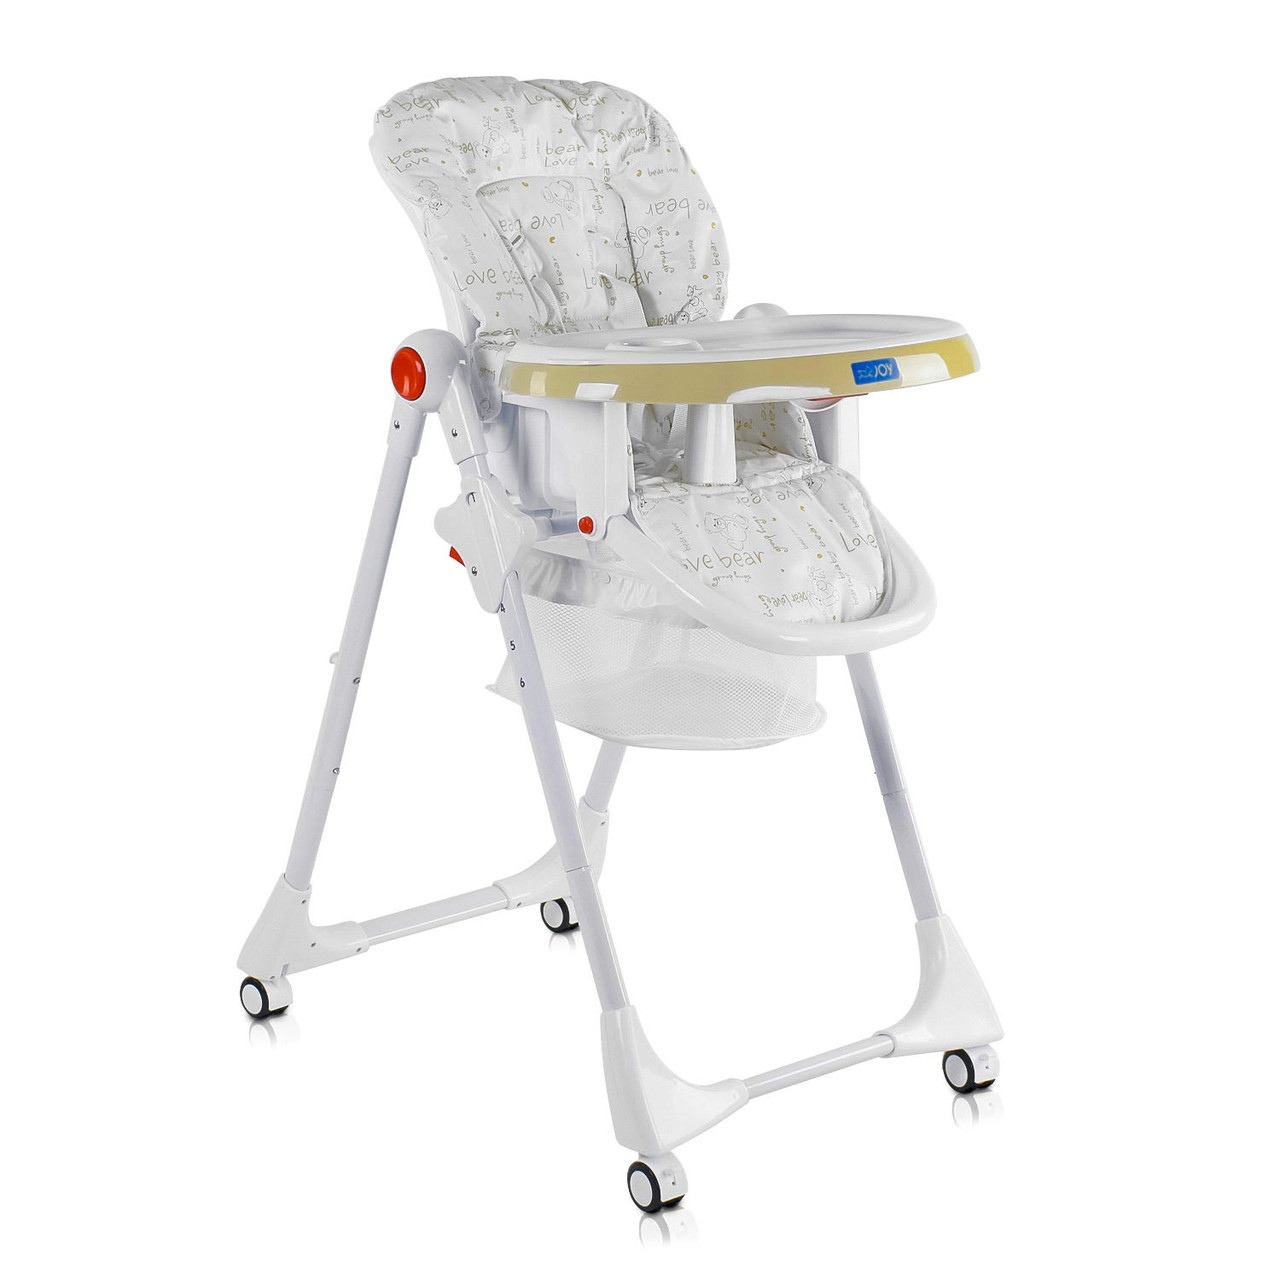 Детский стульчик для кормления JOY К-44009 Мишки Цвет бело-бежевый Мягкий PVC Быстрая доставка